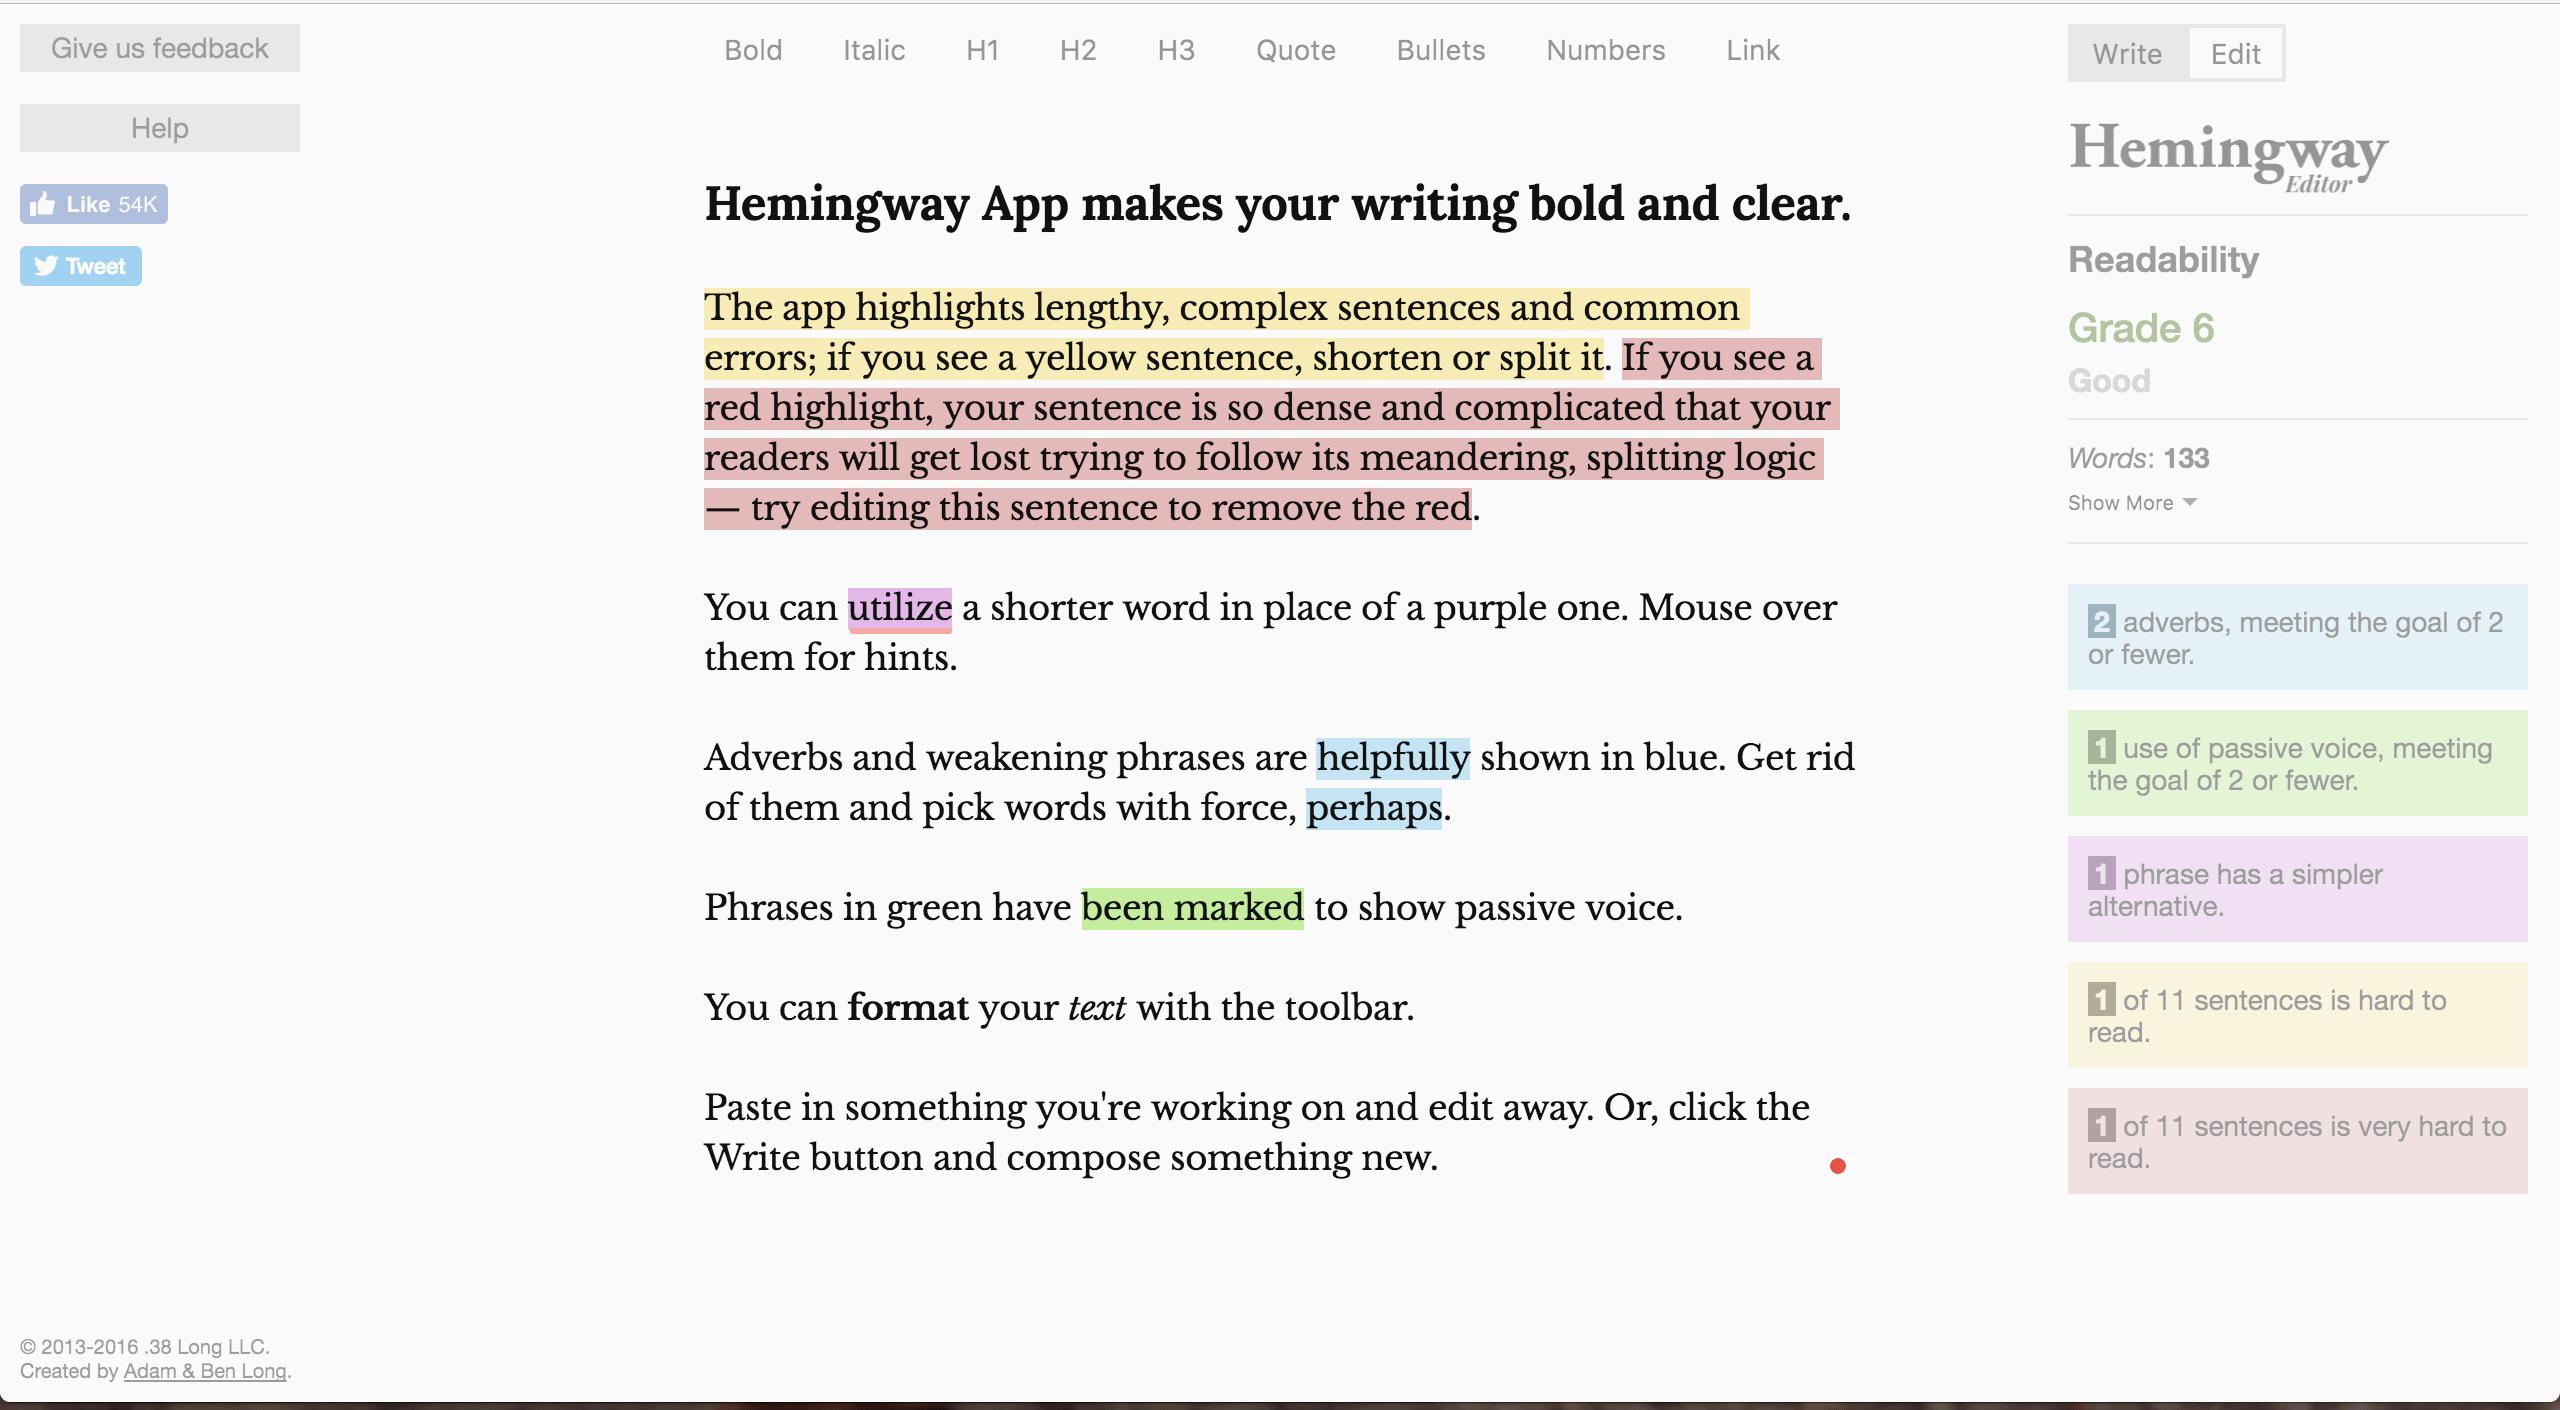 Hemingway Grammar Editor